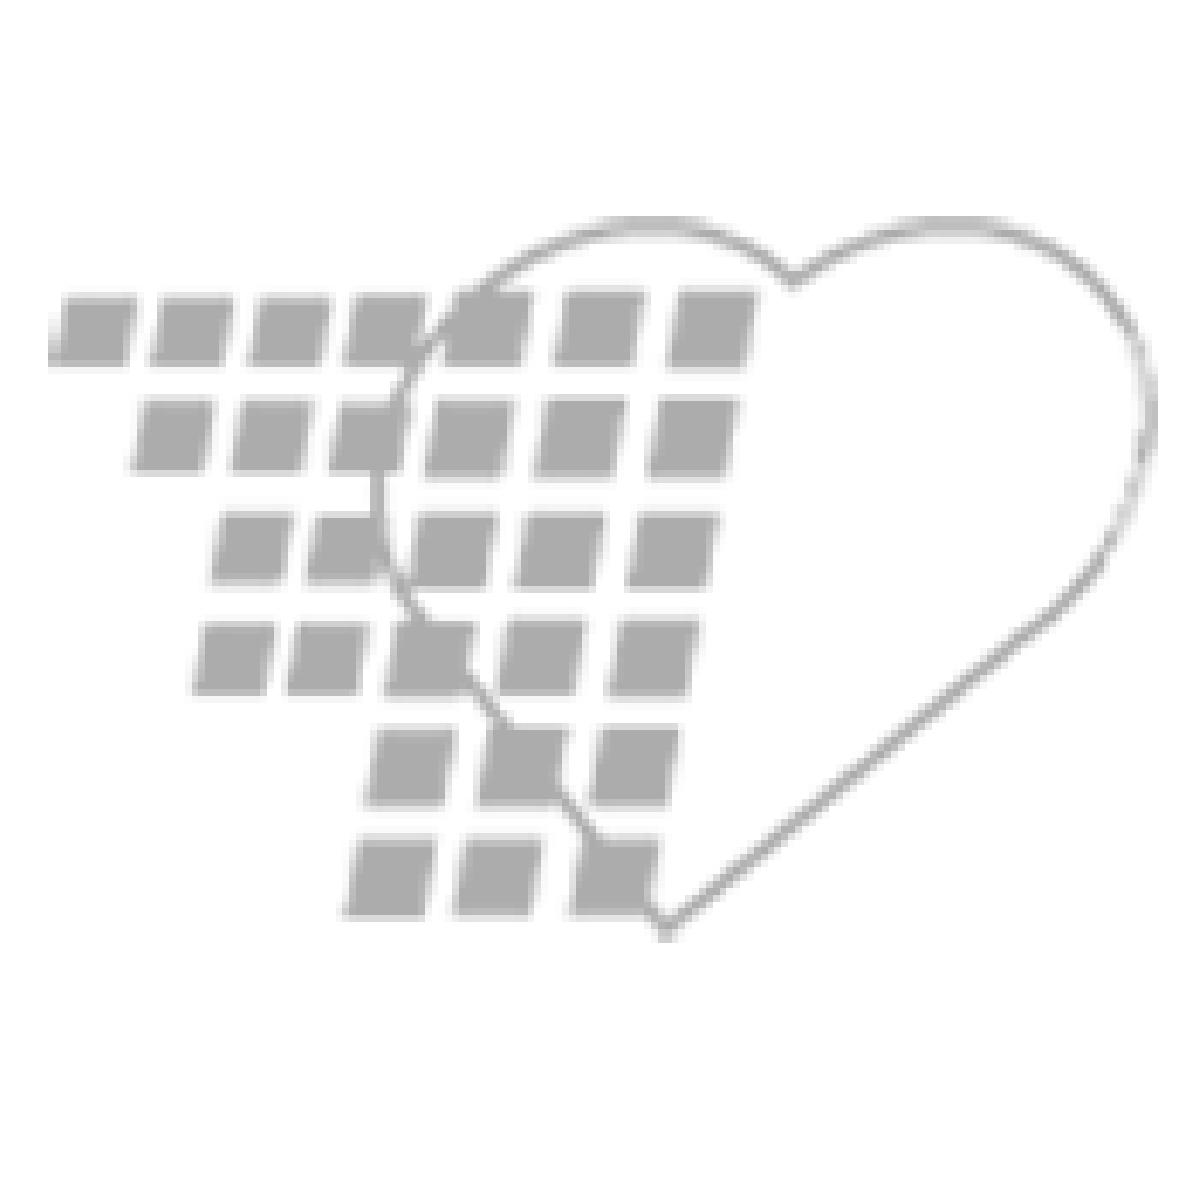 10-81-708 Classic Heart Model